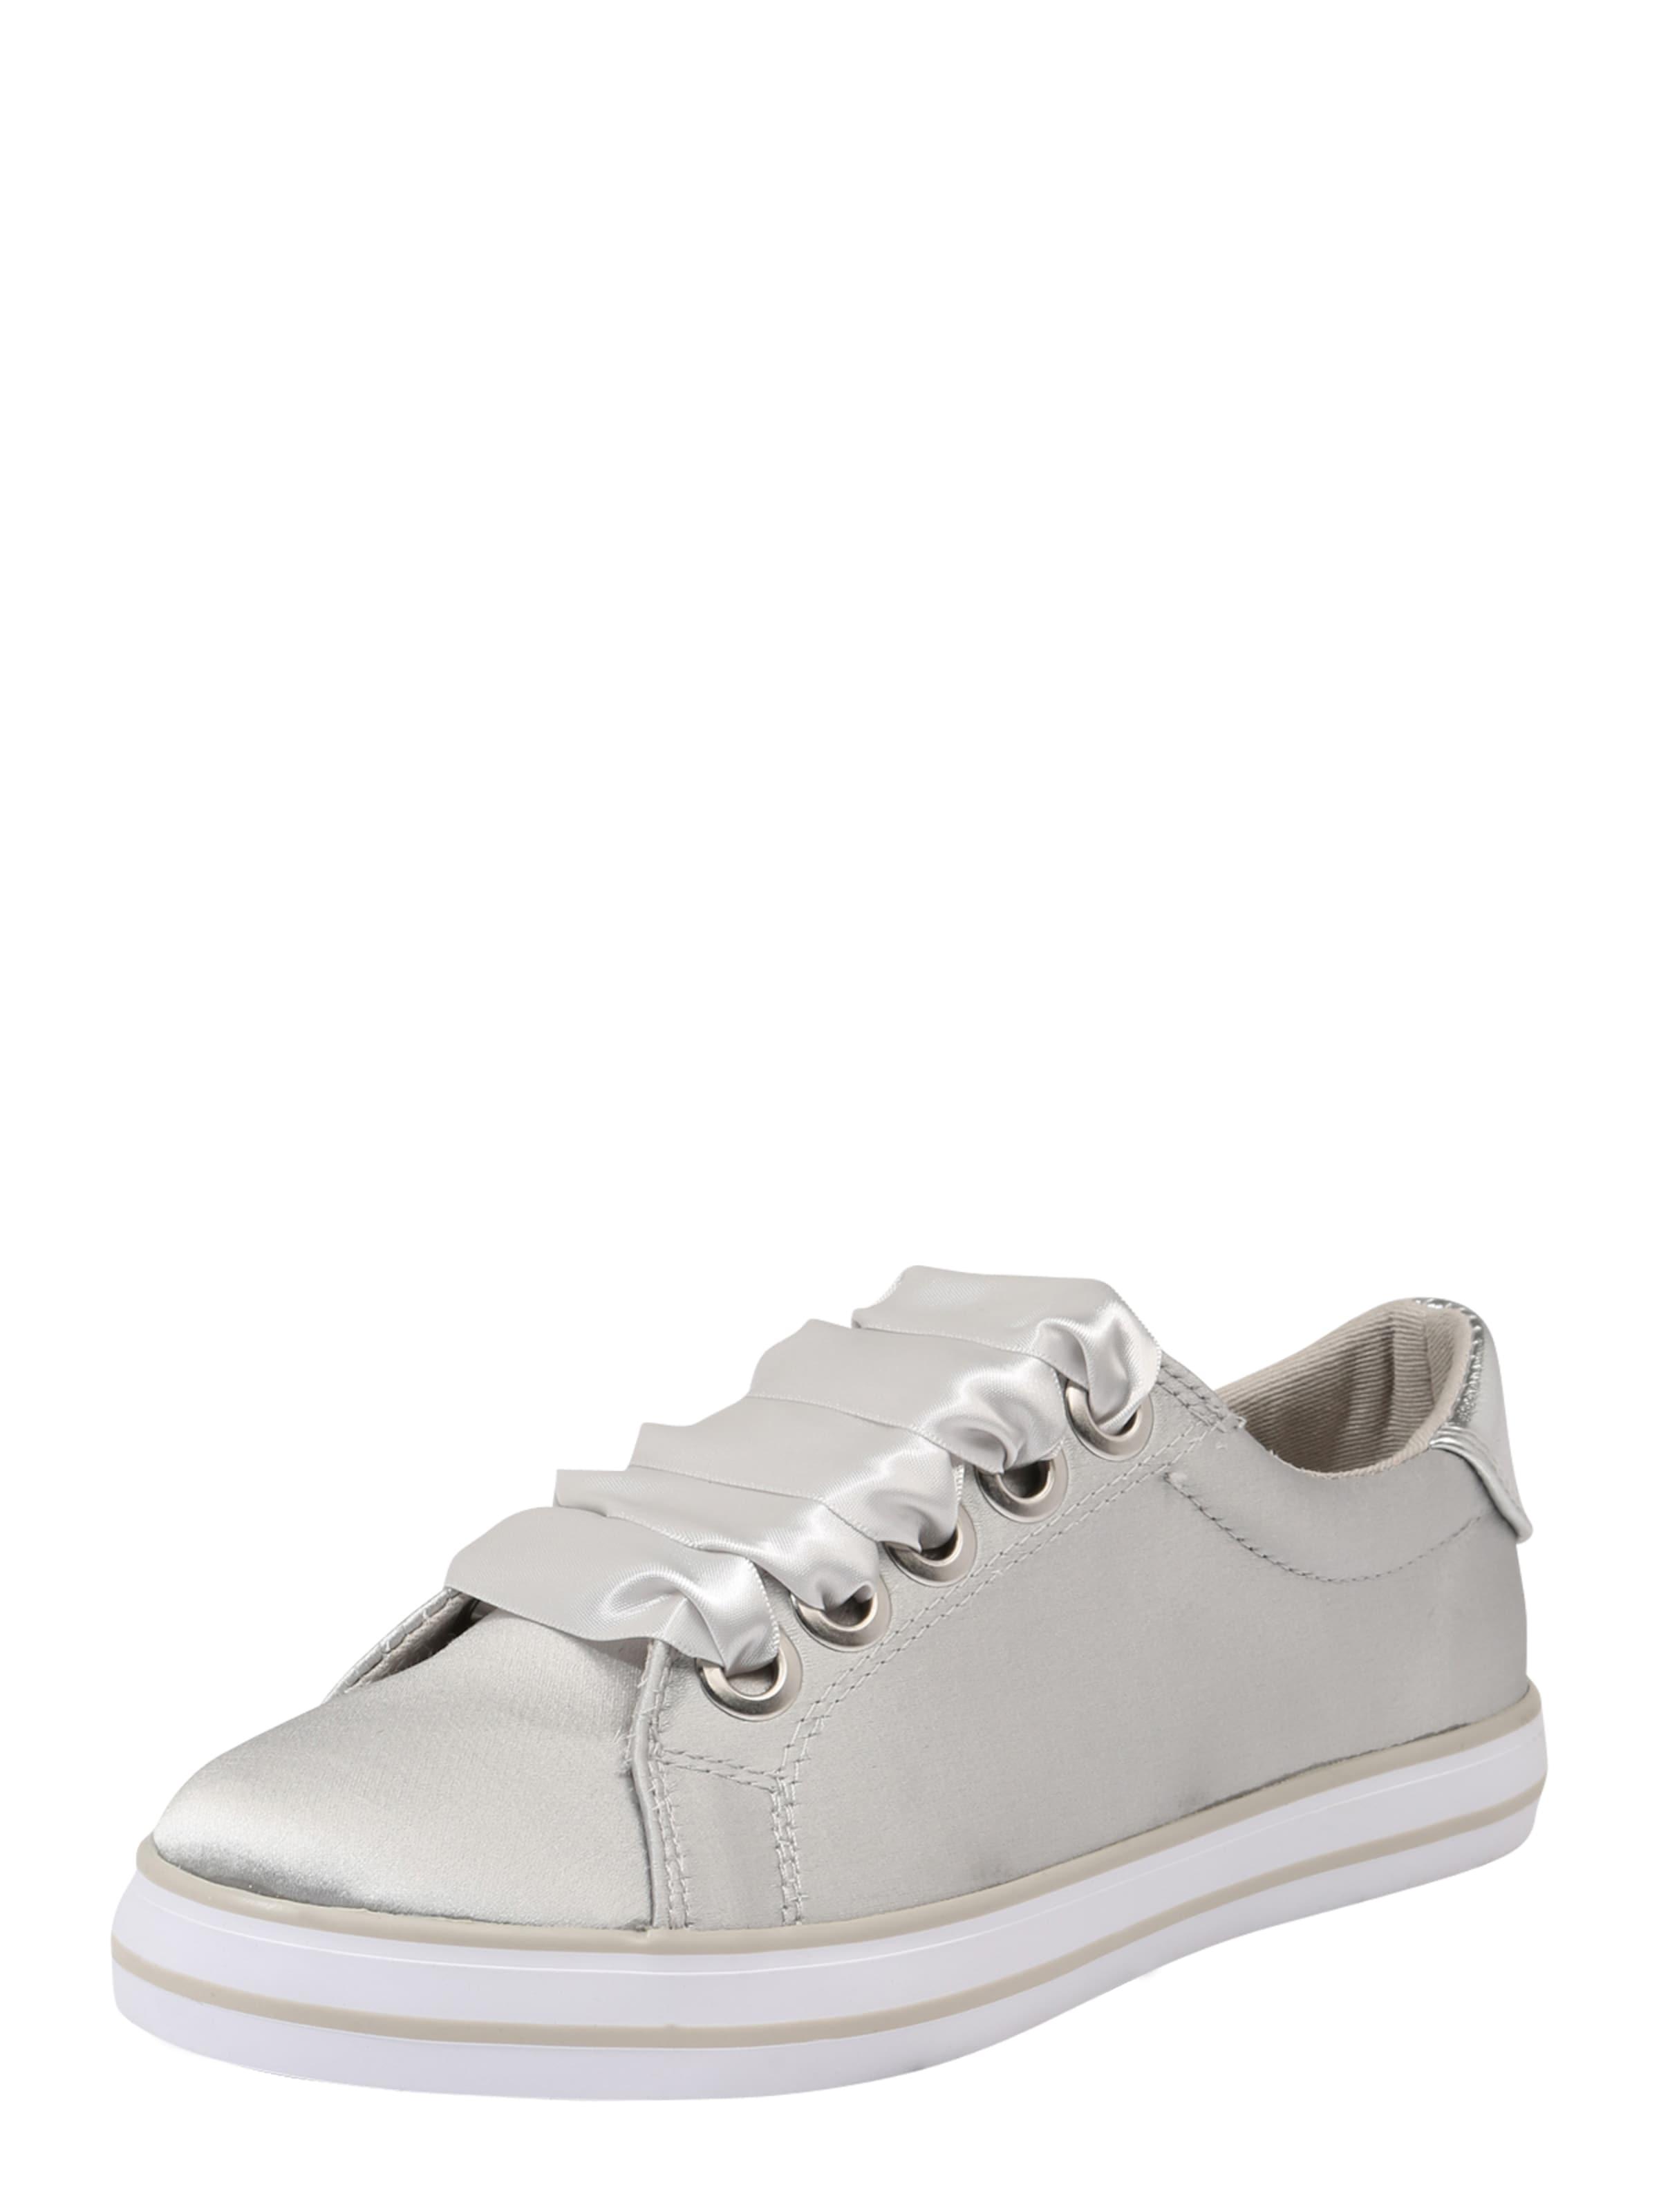 MARCO TOZZI Textil-Sneaker mit breiten Schnürsenkeln